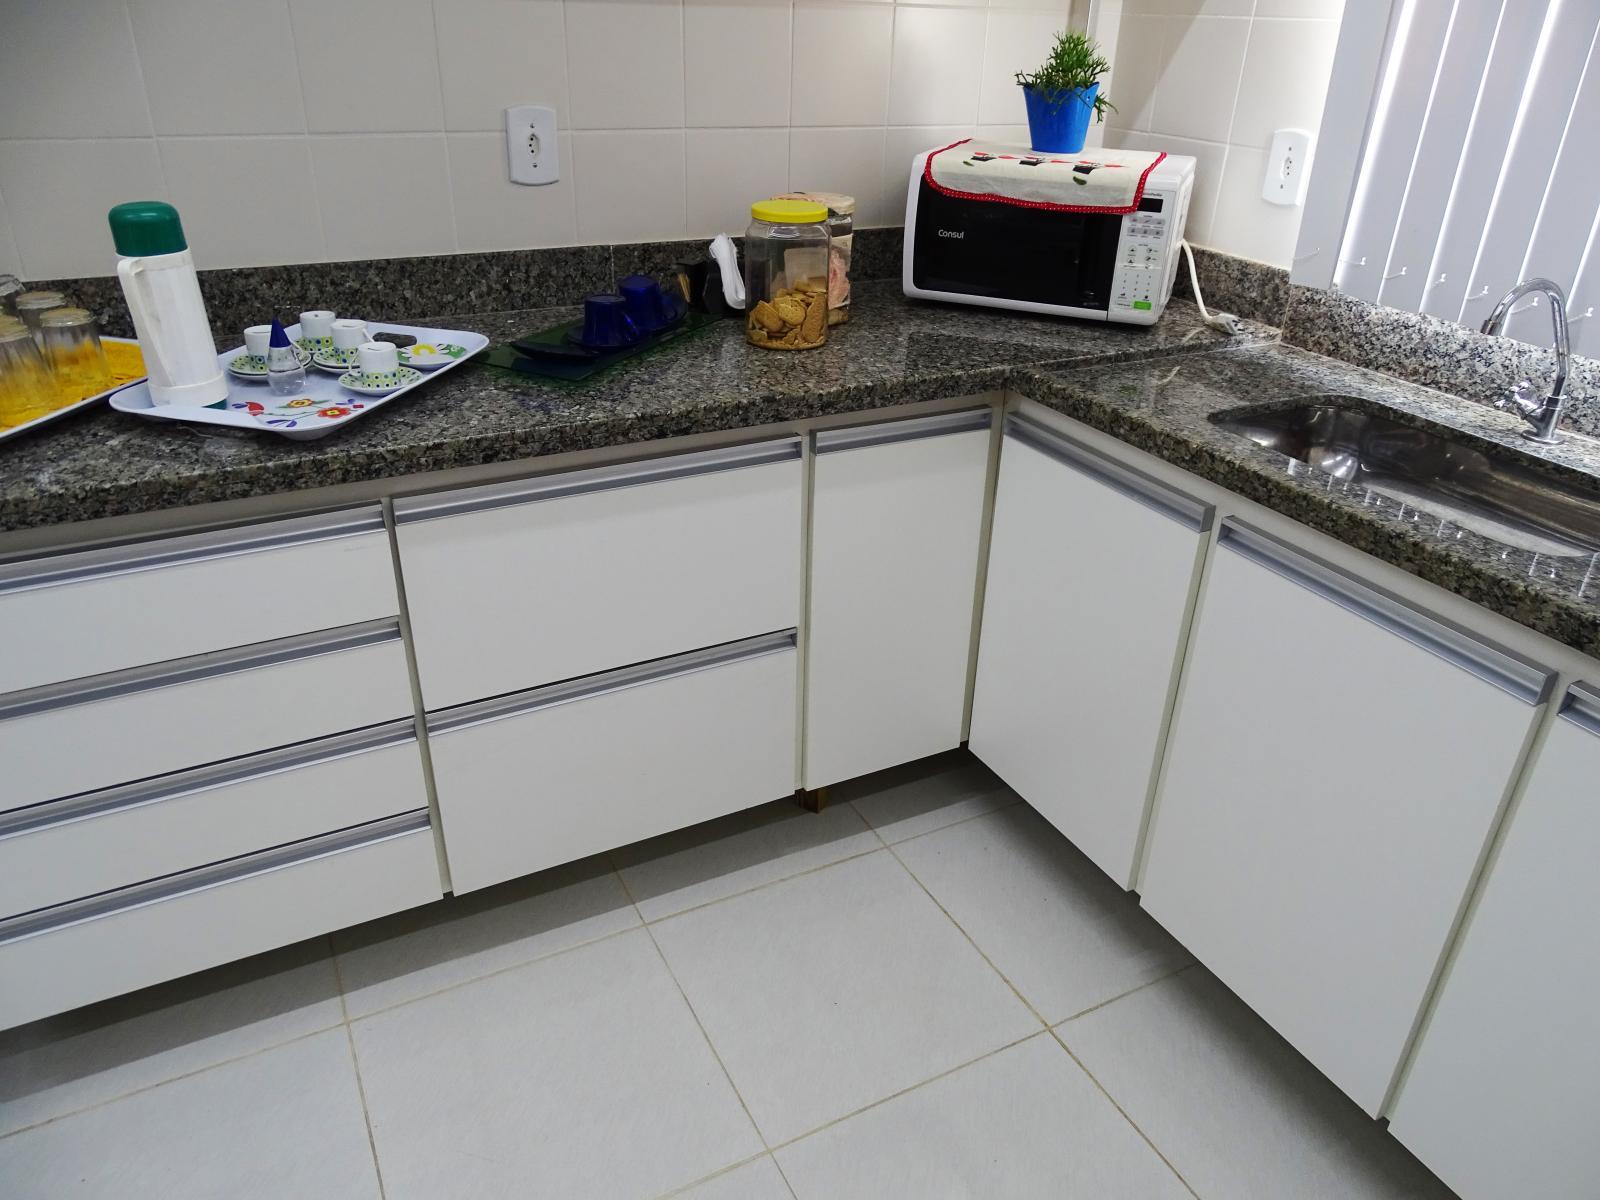 Secretaria Municipal de Assistência Social adquiriu novos mobiliários para o Serviço de Convivência e Fortalecimento de Vínculos